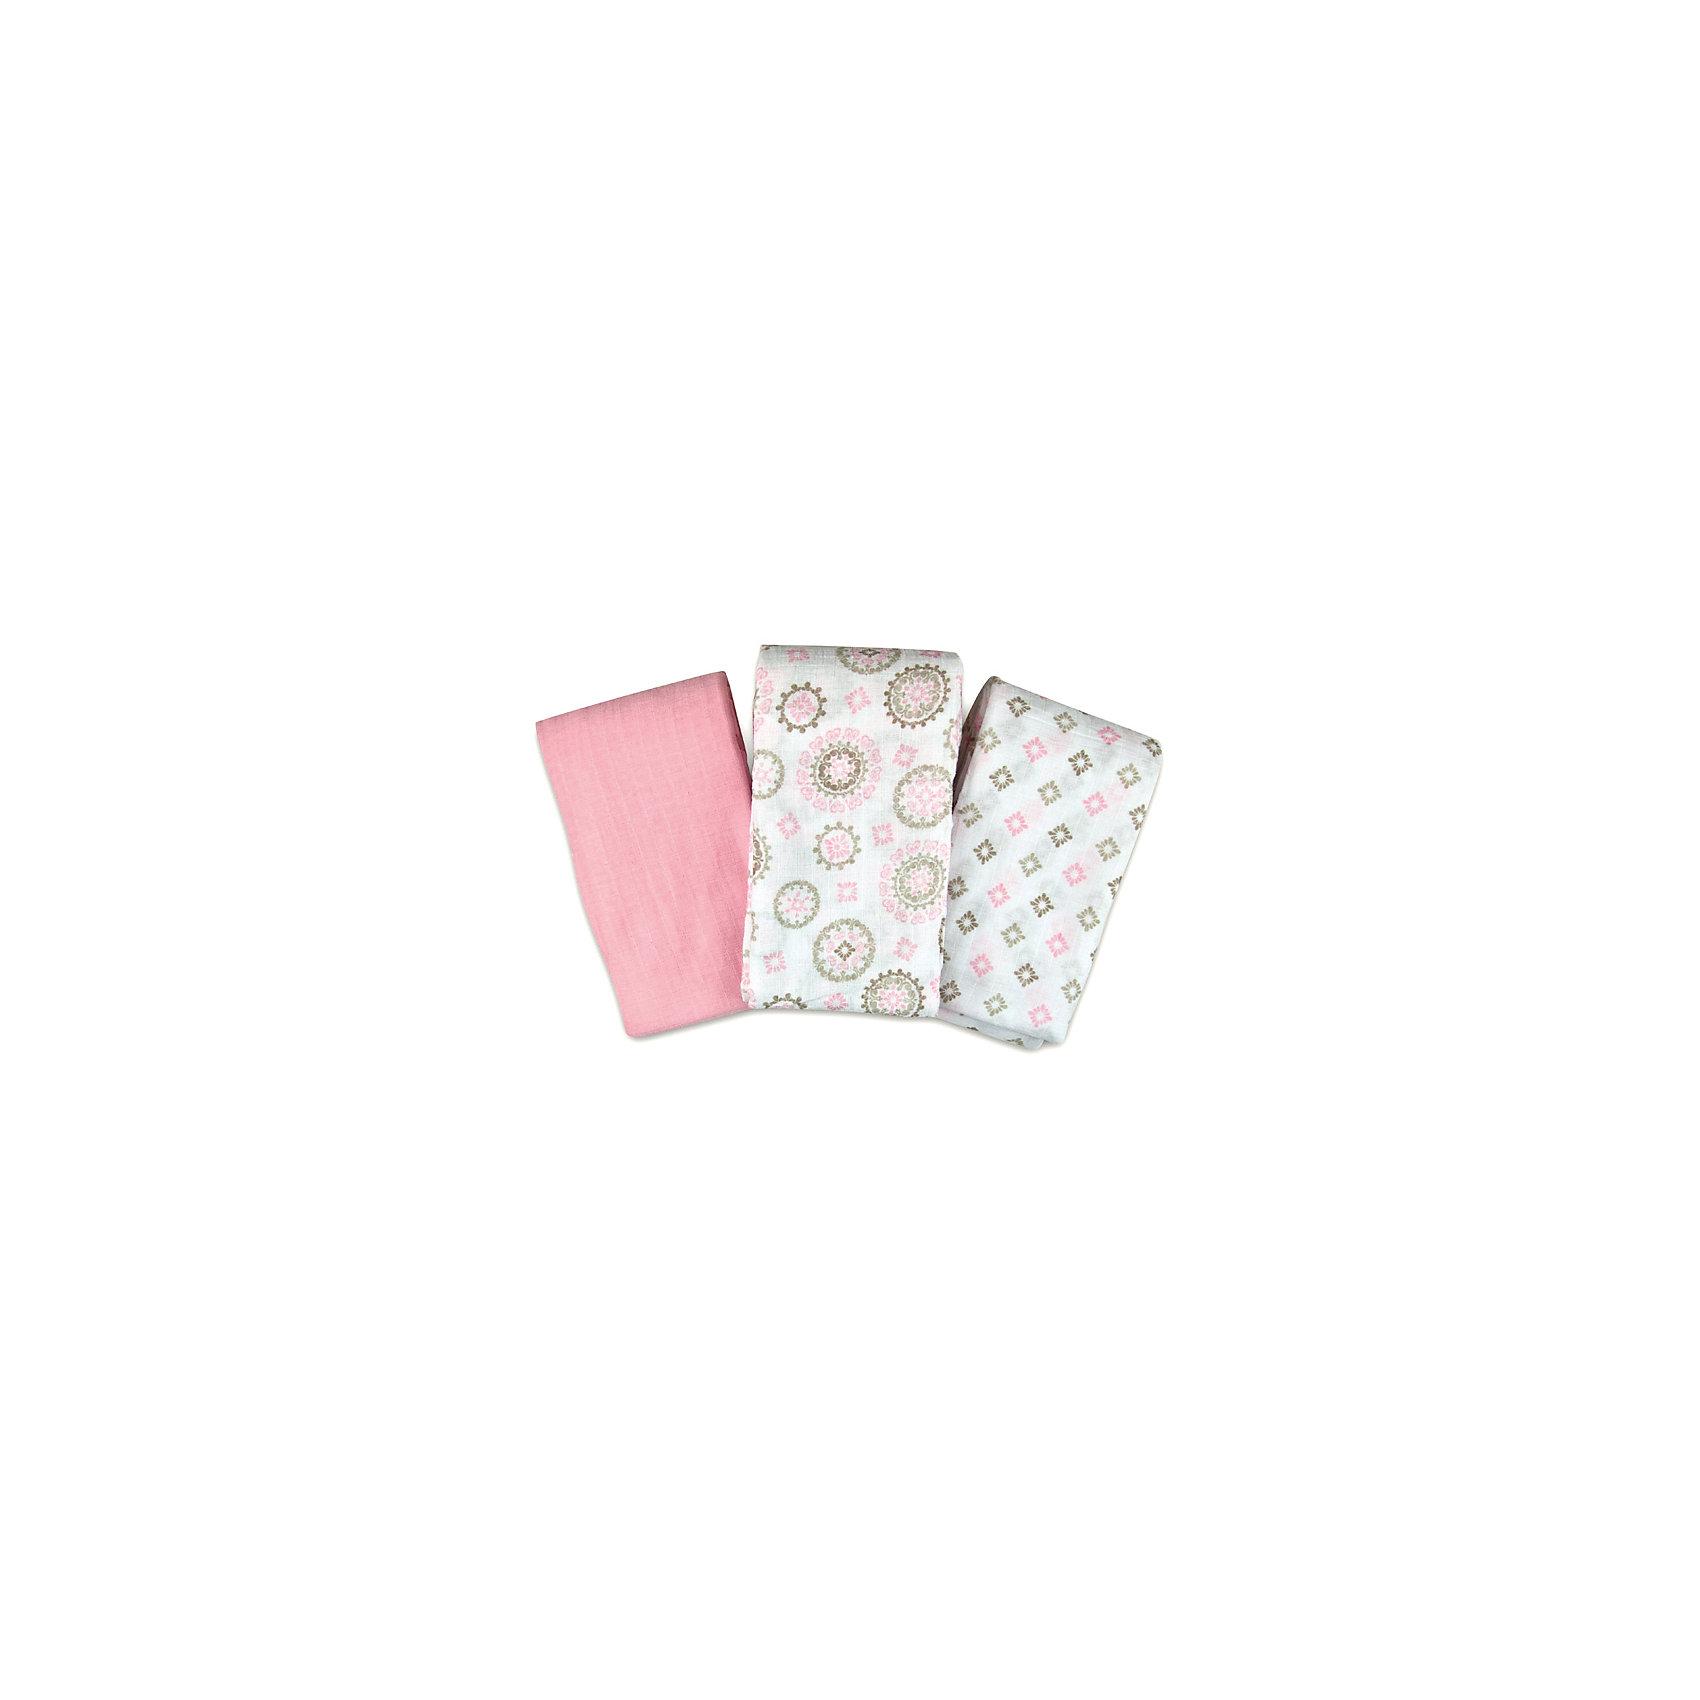 Набор пеленок  Summer Infant,  3 шт, розовые с орнаментом